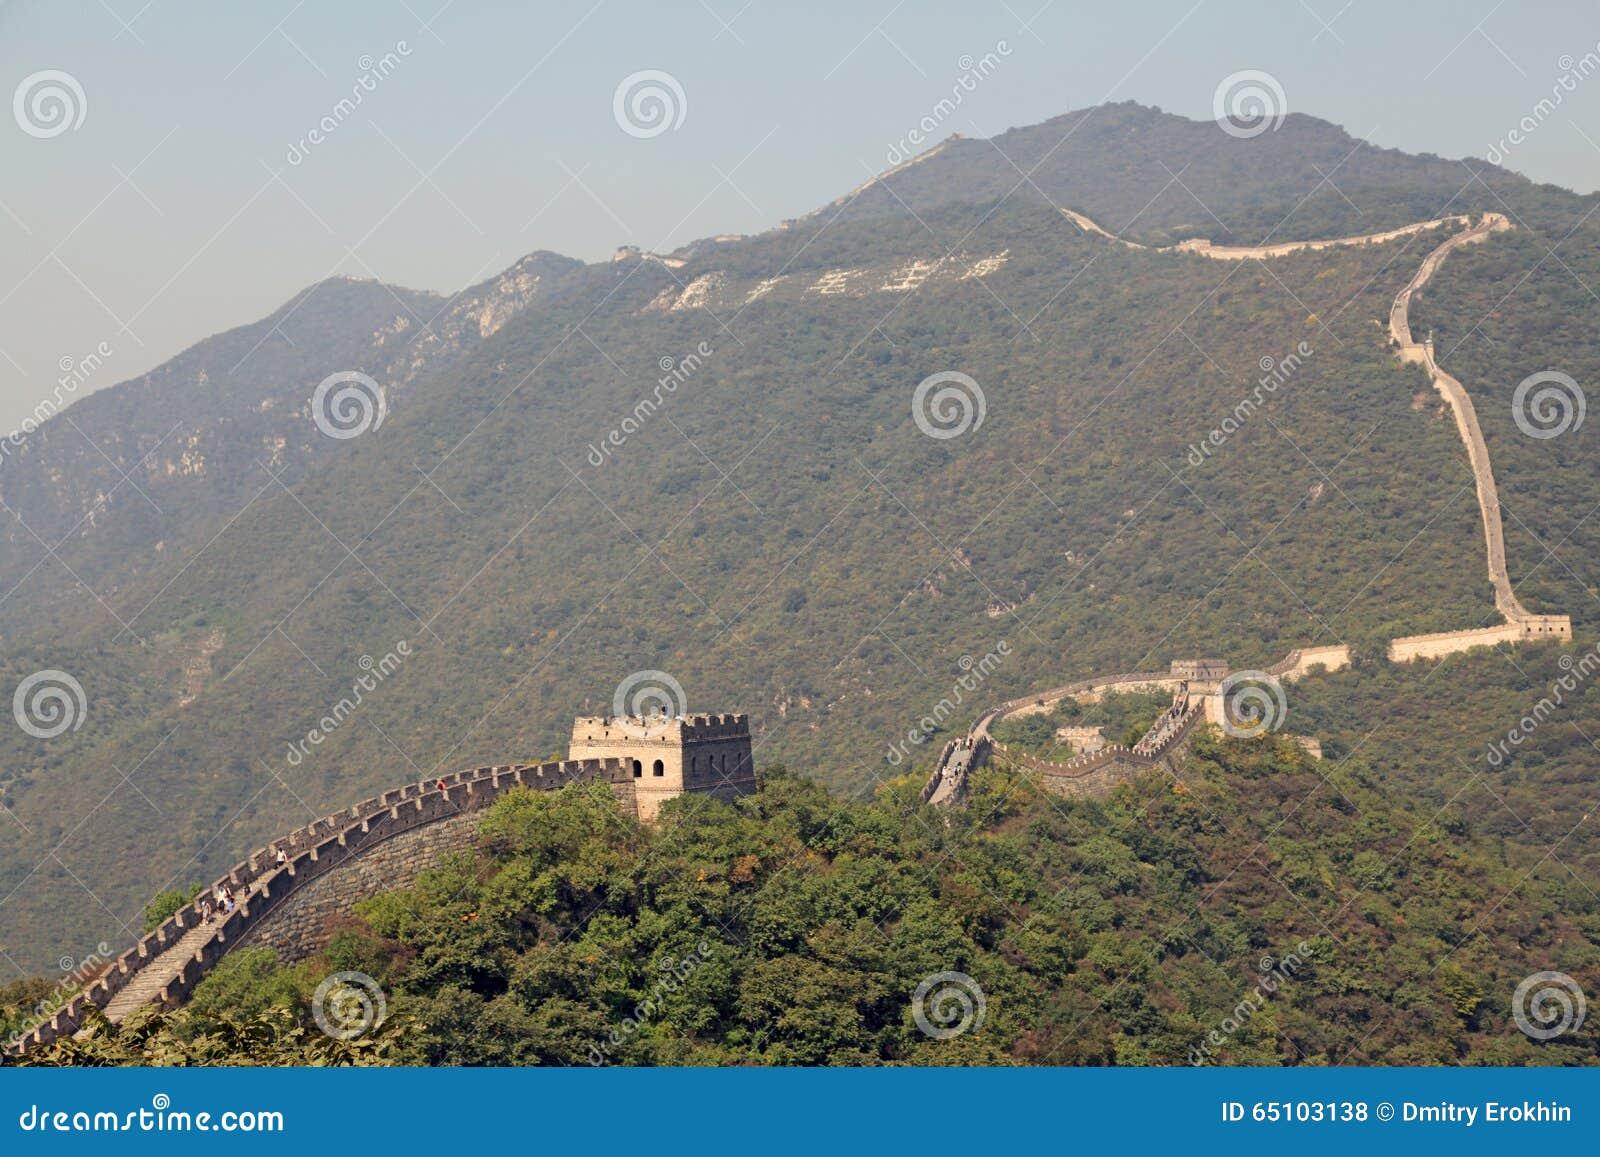 Chinesische Mauer Karte.Chinesische Mauer Von China Mutianyu Redaktionelles Stockfoto Bild